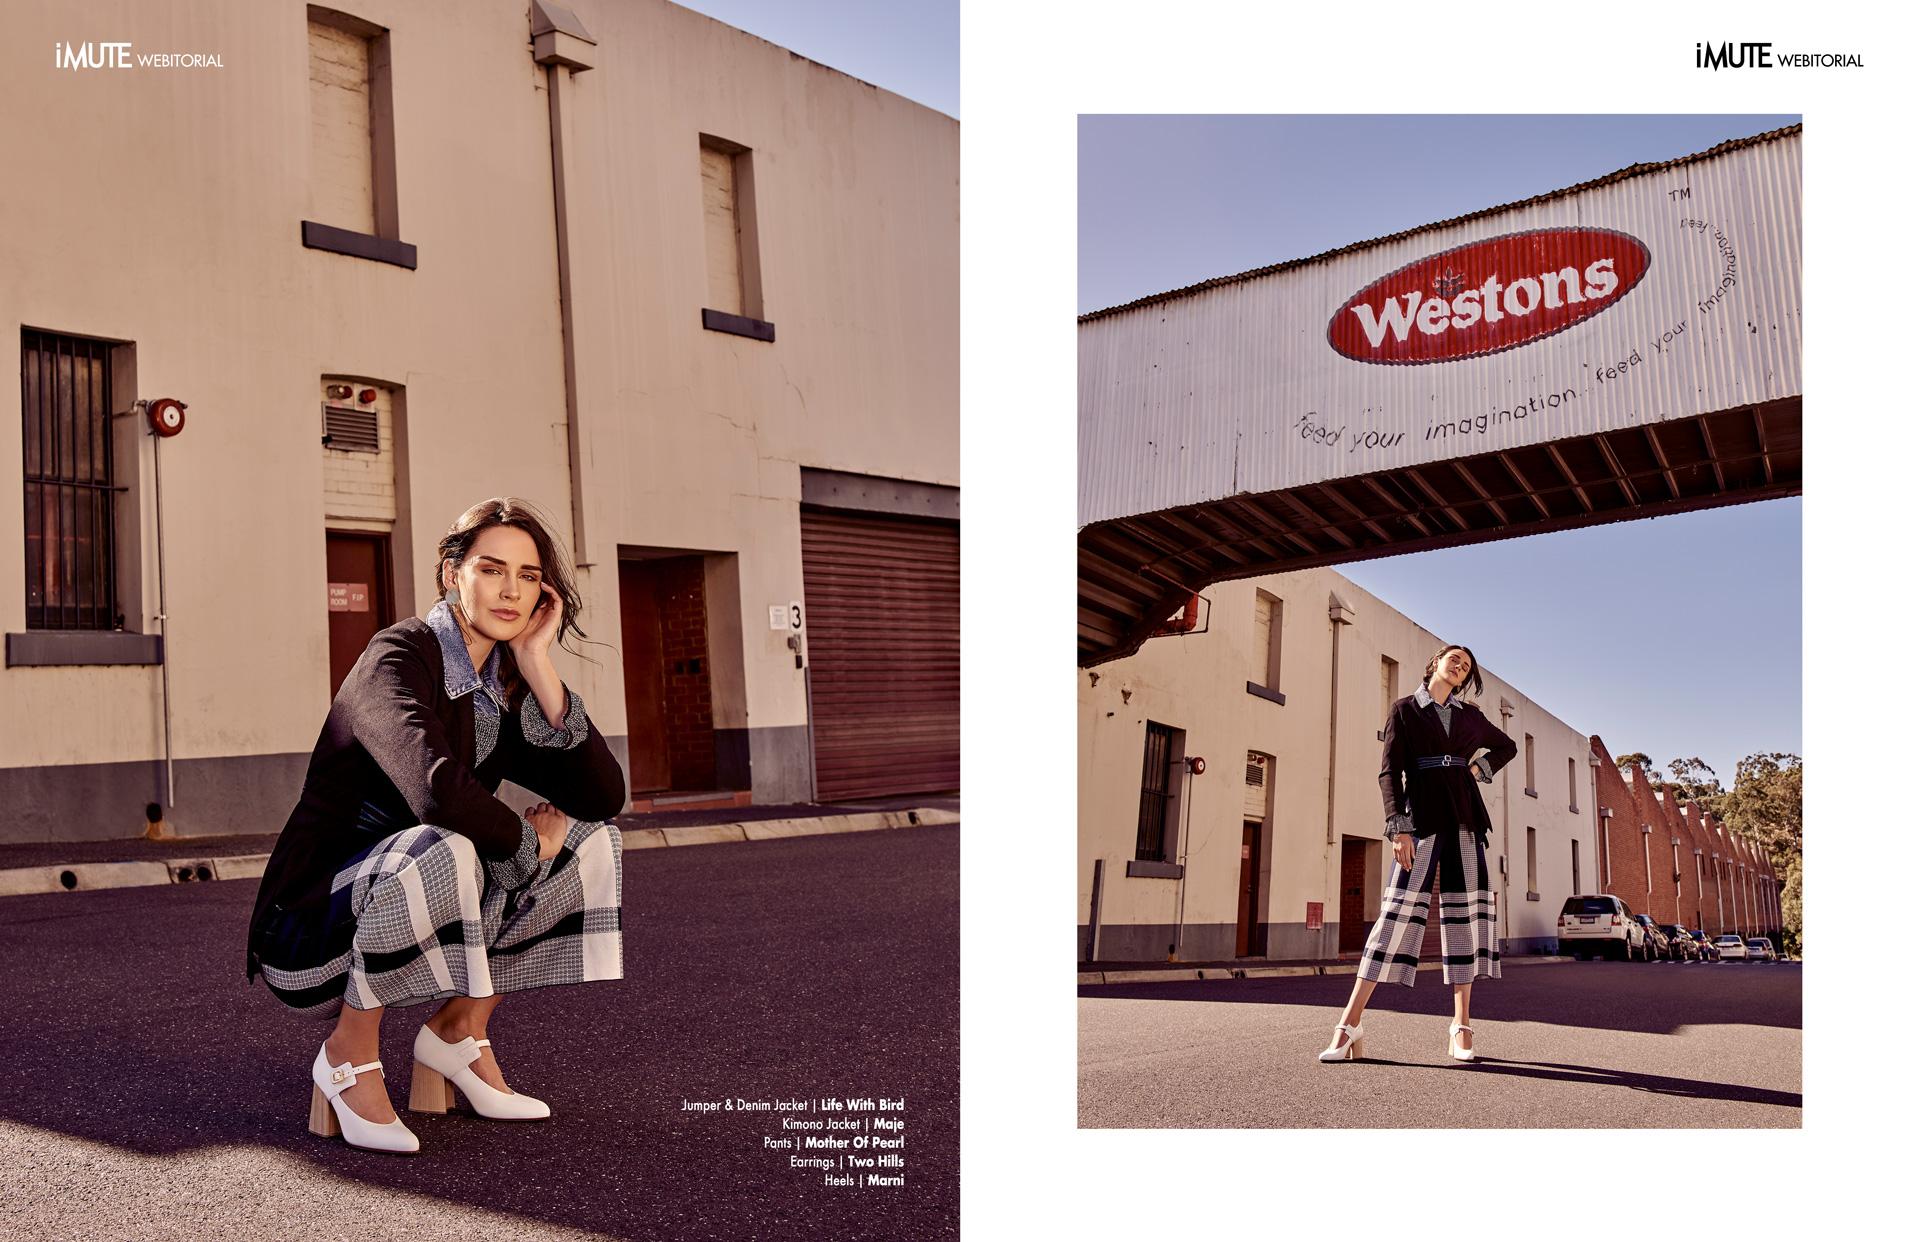 Cassie webitorial for iMute Magazine Photographer | Jessica Apap Model | Cassie Hancock @ Vivien's Model Management Stylist | Meggy Smith Makeup & Hair | Megan Everett Photo Assistant | Sarah Tee